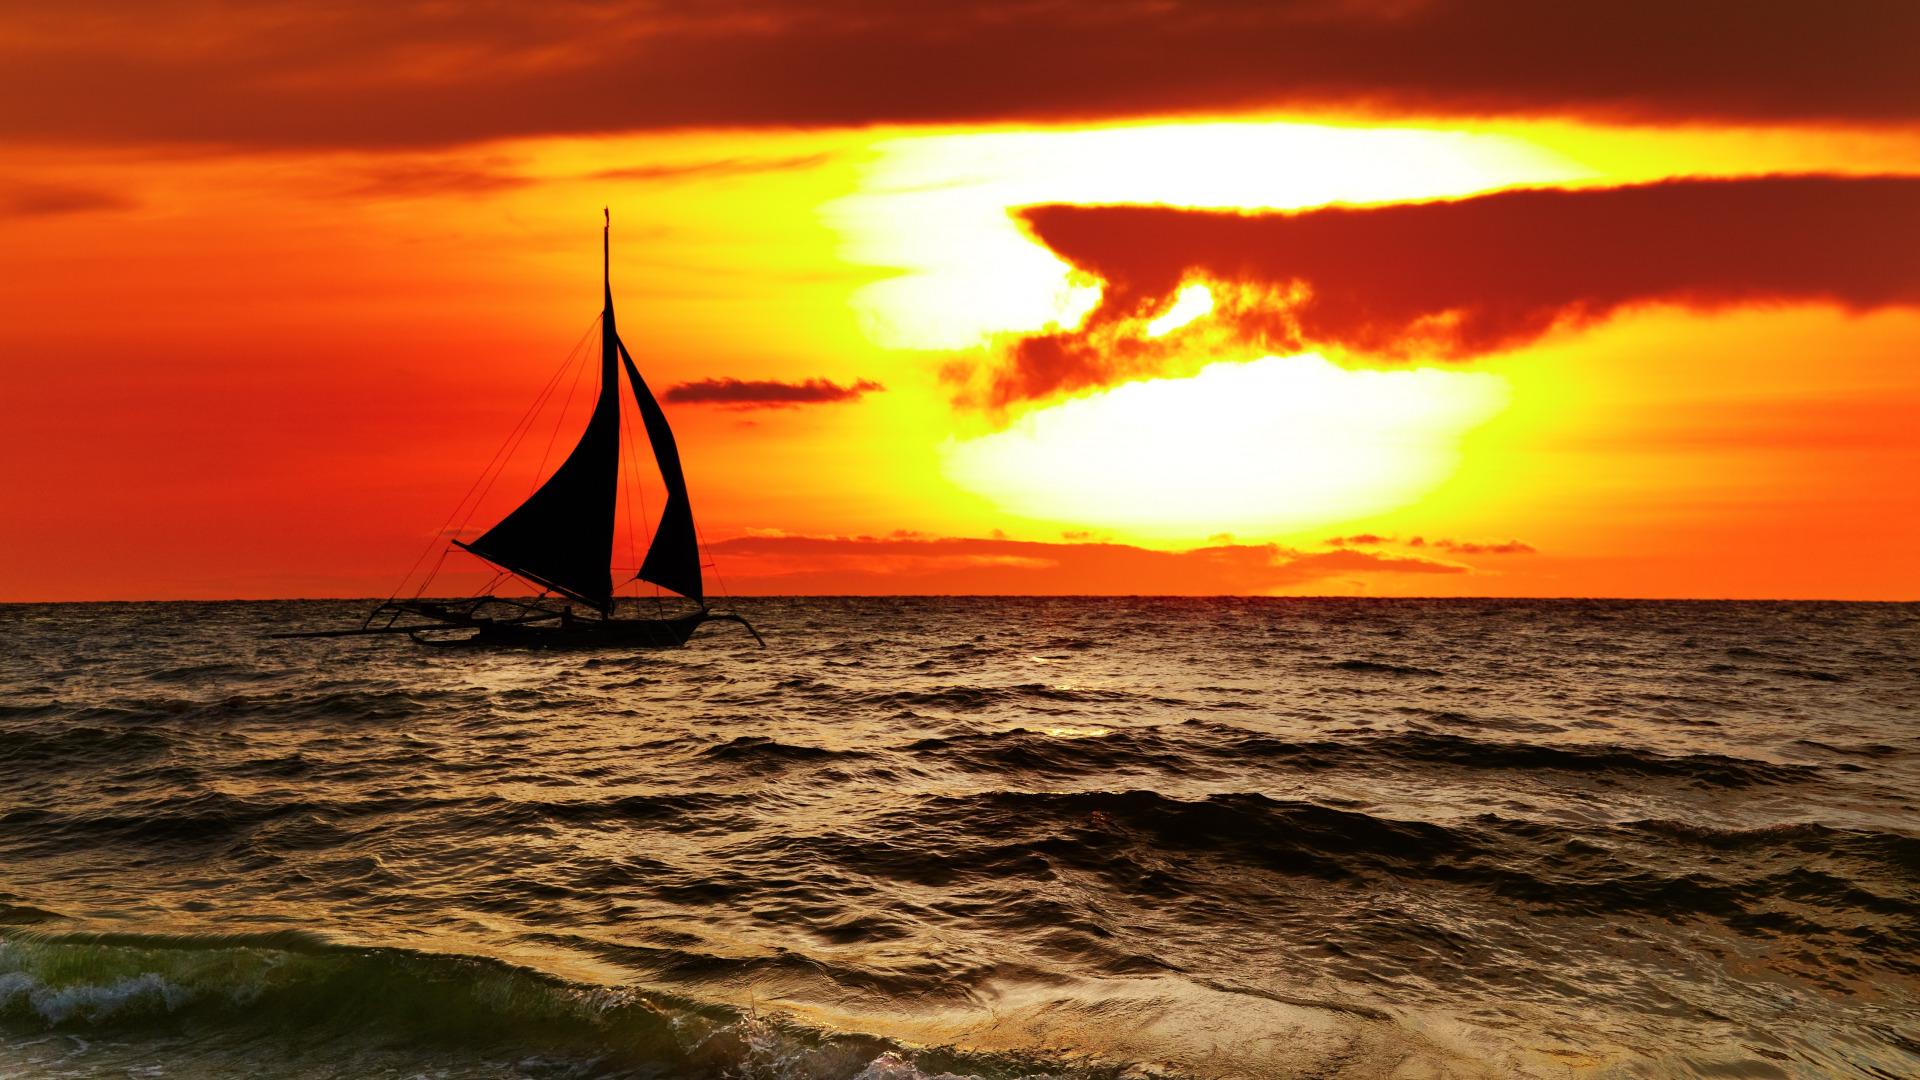 фотообои для рабочего стола море солнце закат